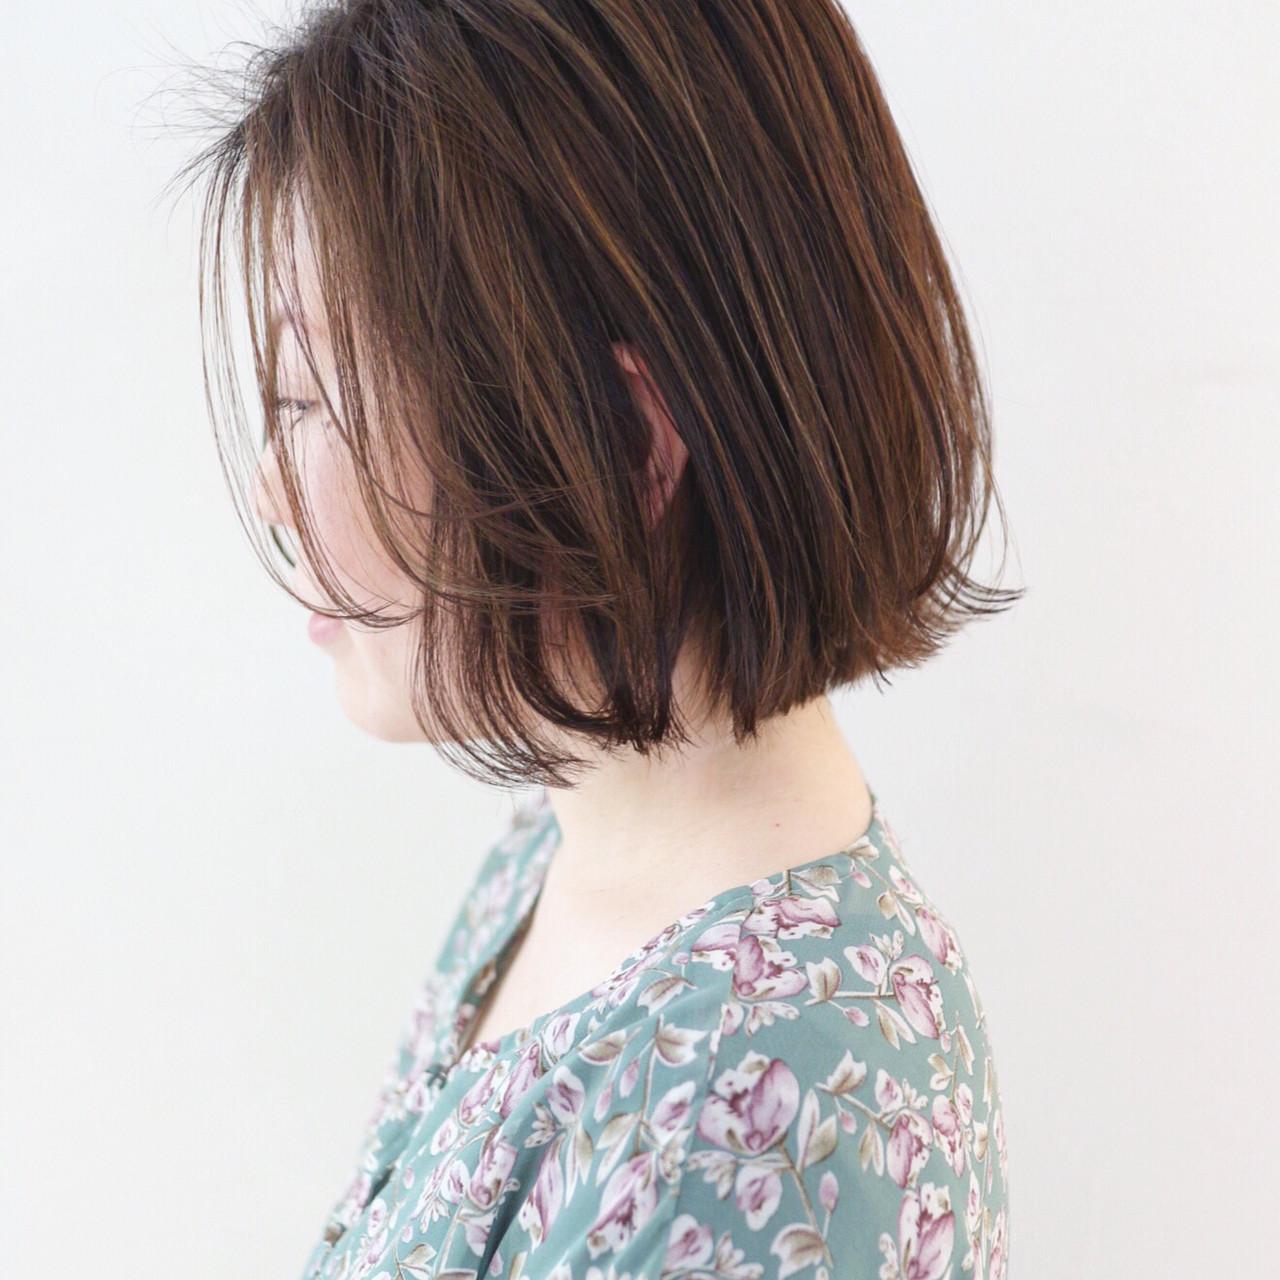 グラデーションカラー 外ハネボブ ミニボブ ハイライト ヘアスタイルや髪型の写真・画像